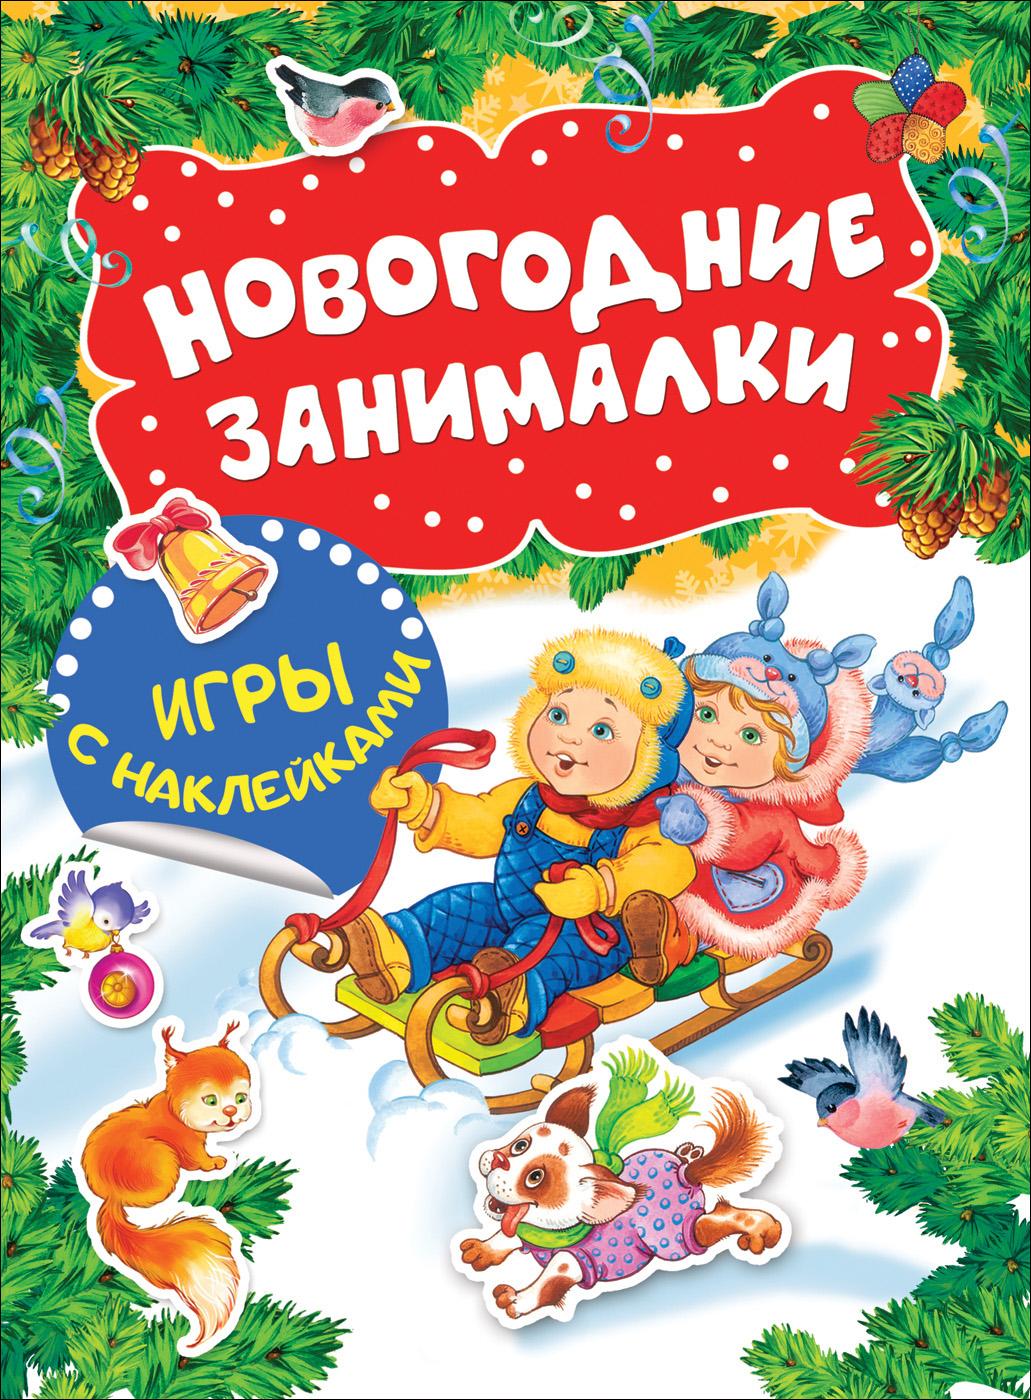 Новикова Е.А. Новогодние занималки. Игры с накл. (Дети)